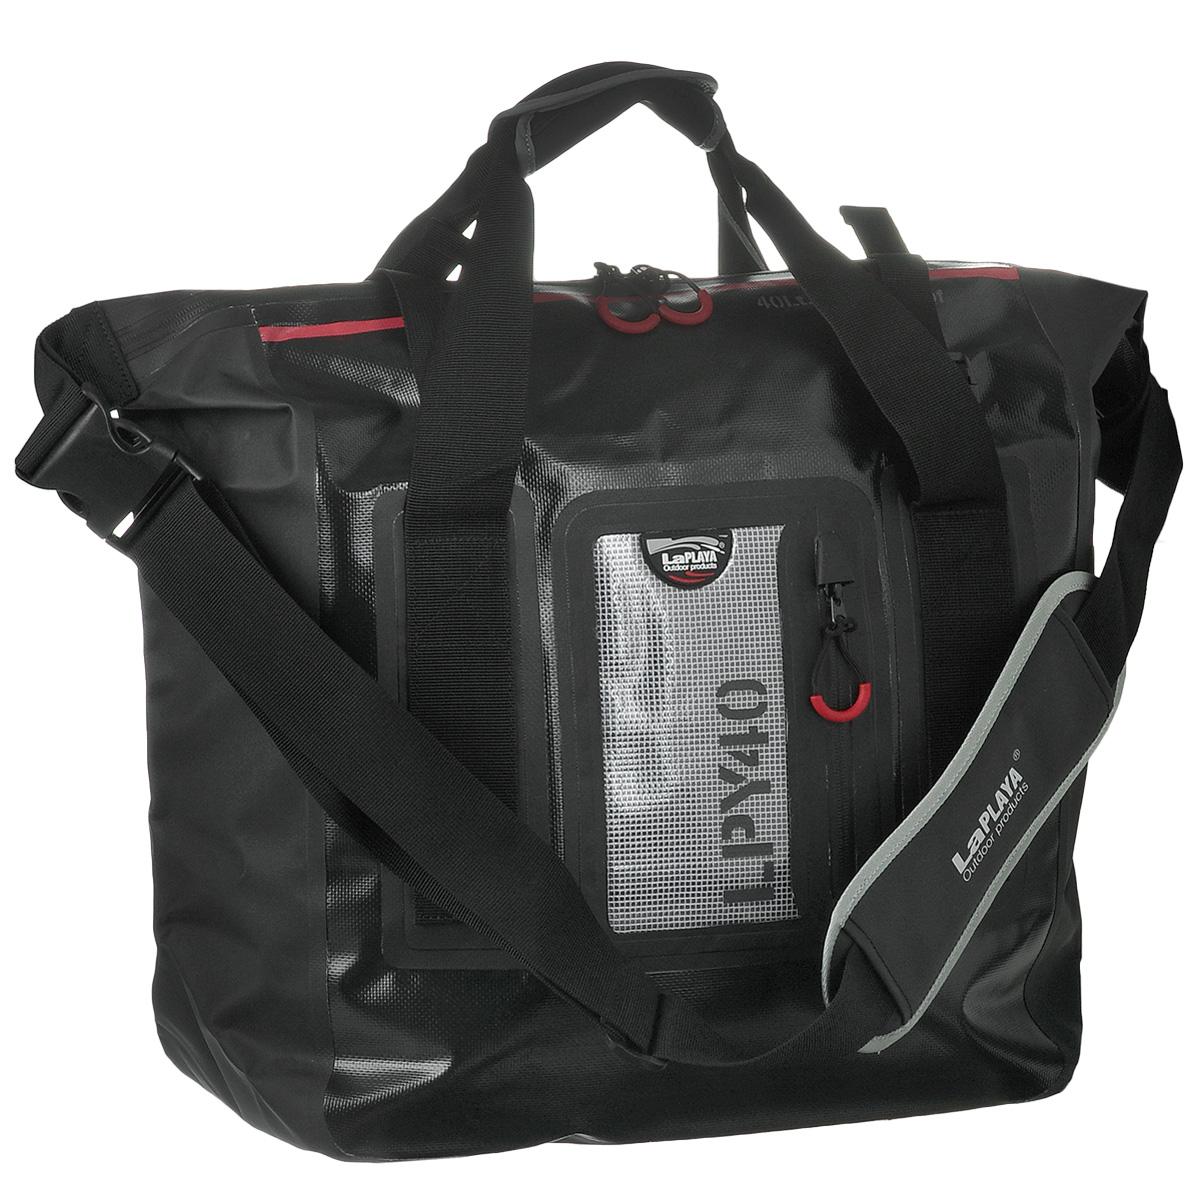 Сумка водонепроницаемая LaPlaya Square Bag, цвет: черный, 40 л800201Водонепроницаемая сумка LaPlaya Square Bag - незаменимая вещь для любителей туристических походов, кемпингов и отдыха на природе. Сумка выполнена из ПВХ (брезент + сетка). Метод термосварки швов обеспечивает 100% герметичность. Сумка имеет одно вместительное отделение, которое закрывается на водонепроницаемую молнию. Внутри содержится вшитый карман на молнии и 2 сетчатых кармашка. С лицевой стороны сумки расположен прозрачный карман, также с водонепроницаемой молнией, удобный для хранения документов, билетов и других бумаг. Сумка компактная, практичная и очень удобная, она снабжена плечевым ремнем с мягкой вставкой для плеча, а также двумя ручками. На ручках и ремне имеются светоотражающие элементы. Такая сумка - просто находка для экстремалов и любителей проводить много времени на открытом воздухе. LaPlaya DRY BAG - это функциональный и минималистичный дизайн, прочный материал и высокое качество технологии производства. Это все, что необходимо для выбора...